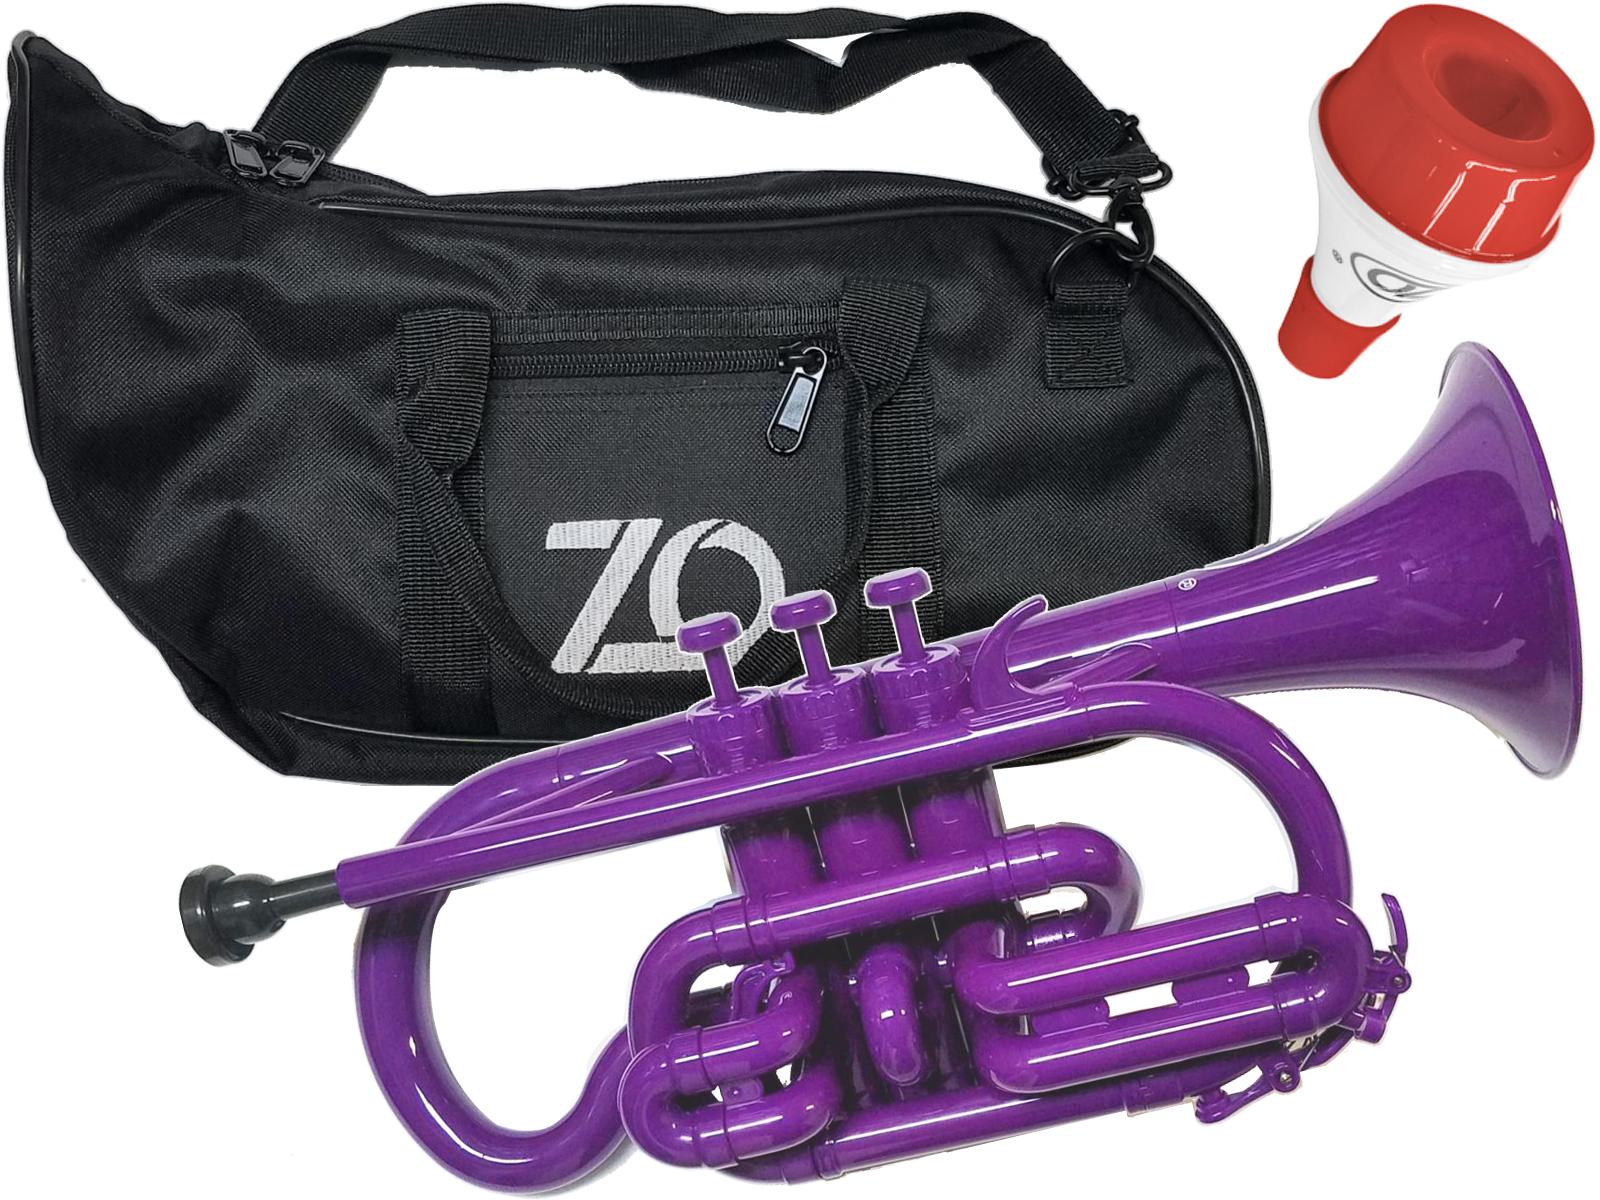 樹脂製 B♭ CN04 紫色 プラスチックコルネット ZO ( ゼットオー ) コルネット CN-04 パープル 調整品 新品 アウトレット プラスチック 管楽器 cornet purple 楽器 ミュート セット 北海道 沖縄 離島不可